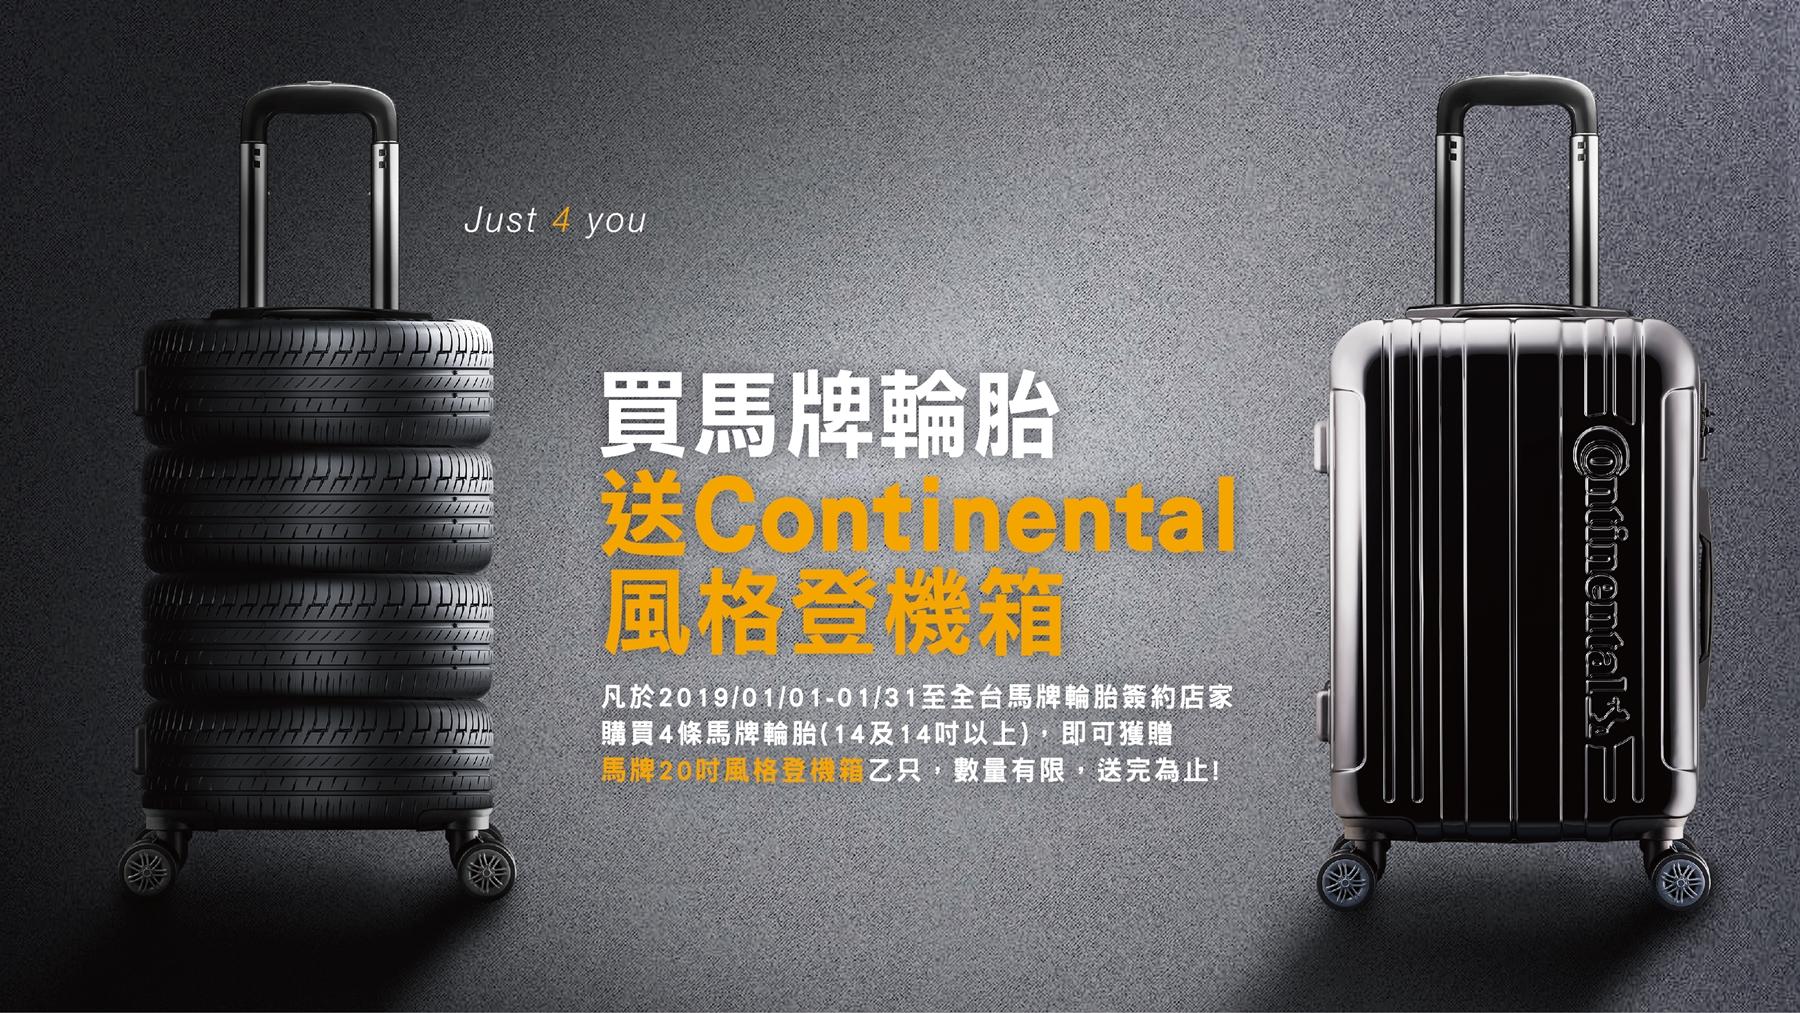 1月底前購買馬牌輪胎四條, 即贈Continental 20吋風格登機箱